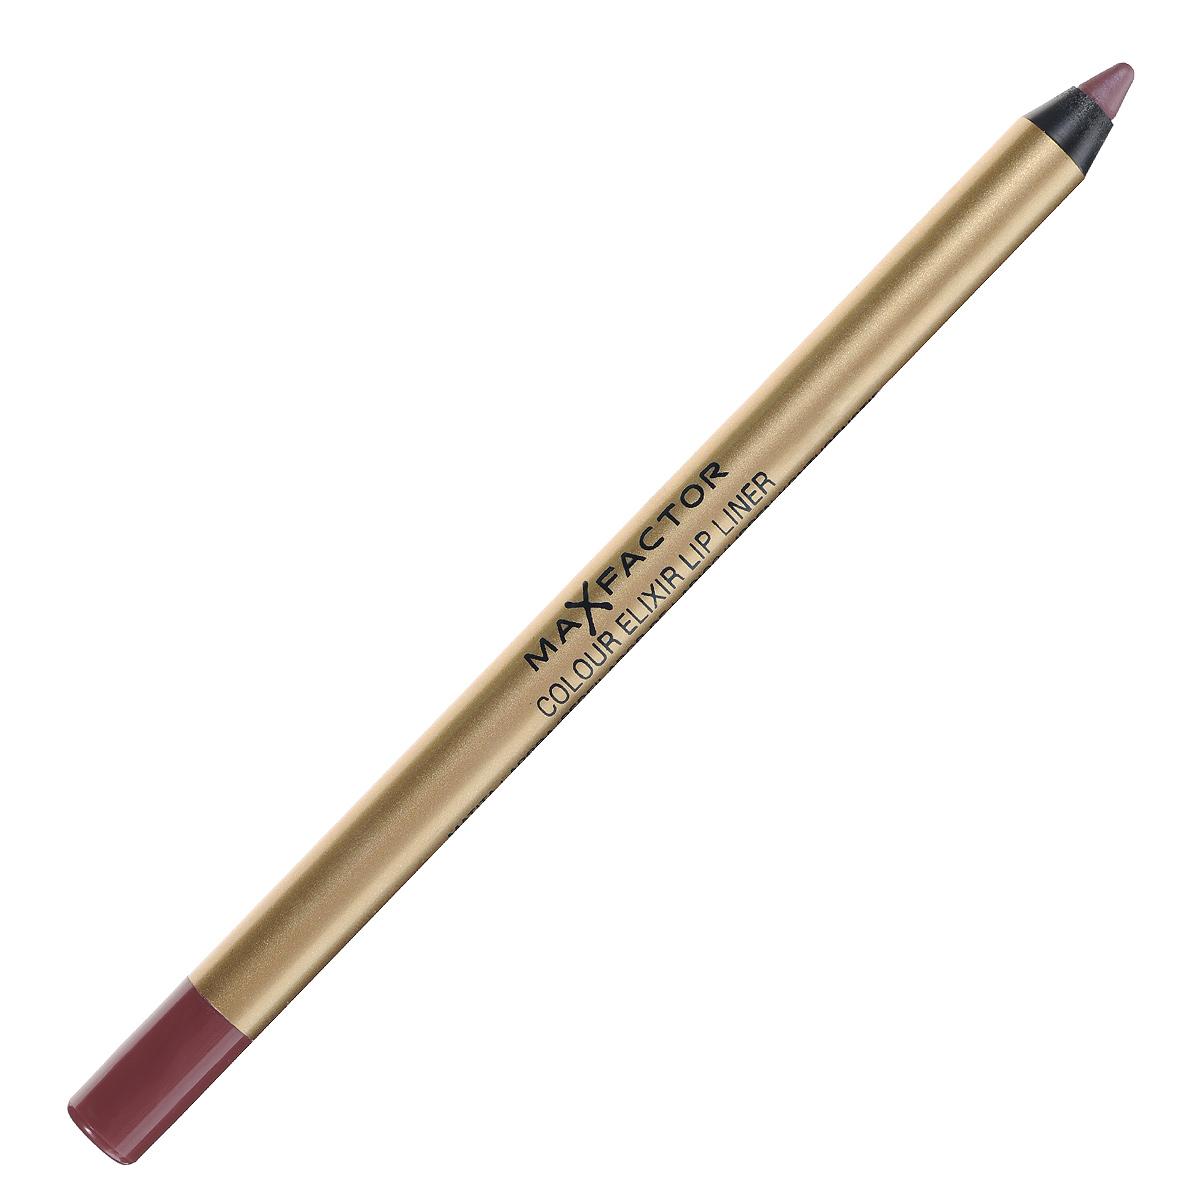 Max Factor Карандаш для губ Colour Elixir Lip Liner, тон №12 red blush, цвет: бордовыйPMF3000Секрет эффектного макияжа губ - правильный карандаш. Он мягко касается губ и рисует точную линию, подчеркивая контур и одновременно ухаживая за губами. Карандаш для губ Colour Elixir подчеркивает твои губы, придавая им форму. - Роскошный цвет и увлажнение для мягких и гладких губ. - Оттенки подходят к палитре помады Colour Elixir. - Легко наносится.1. Выбирай карандаш на один тон темнее твоей помады 2. Наточи карандаш и смягчи кончик салфеткой 3. Подведи губы в уголках, дугу Купидона и середину нижней губы, затем соедини линии 4. Нанеси несколько легких штрихов на губы, чтобы помада держалась дольше.